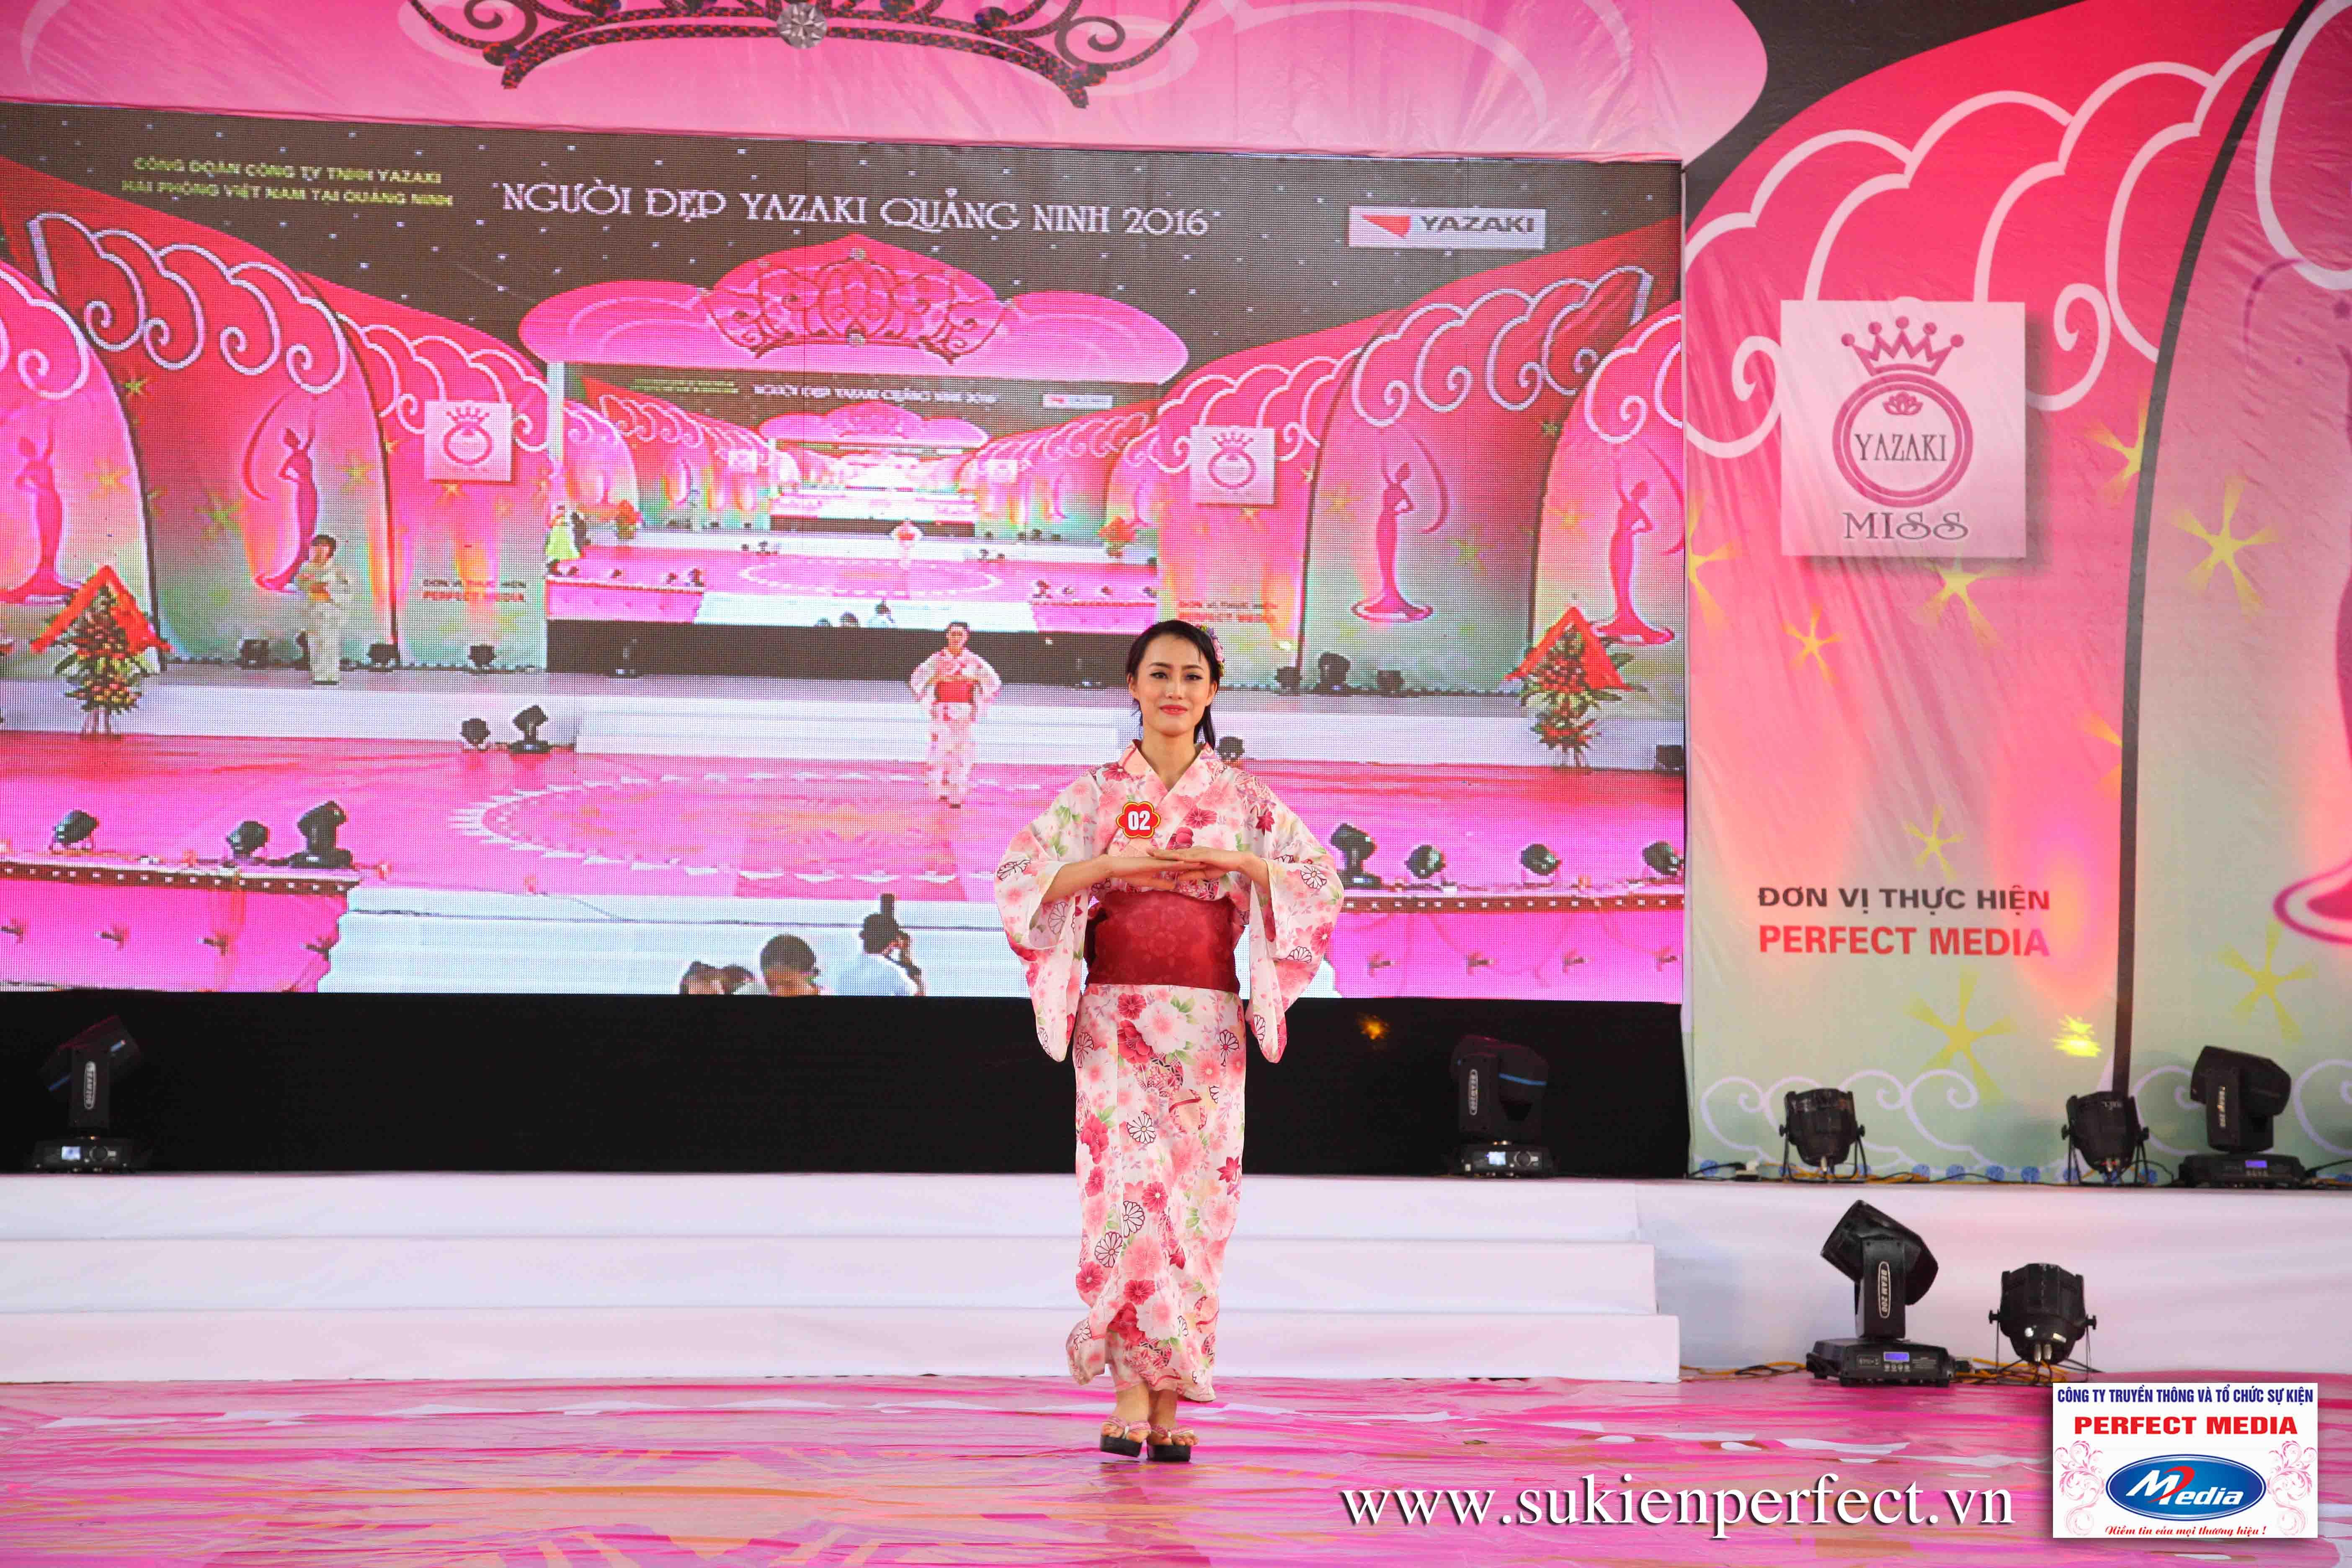 Hình ảnh các thí sinh trong trang phục Kimono - Người đẹp Yazaki Quảng Ninh 2016 - 03